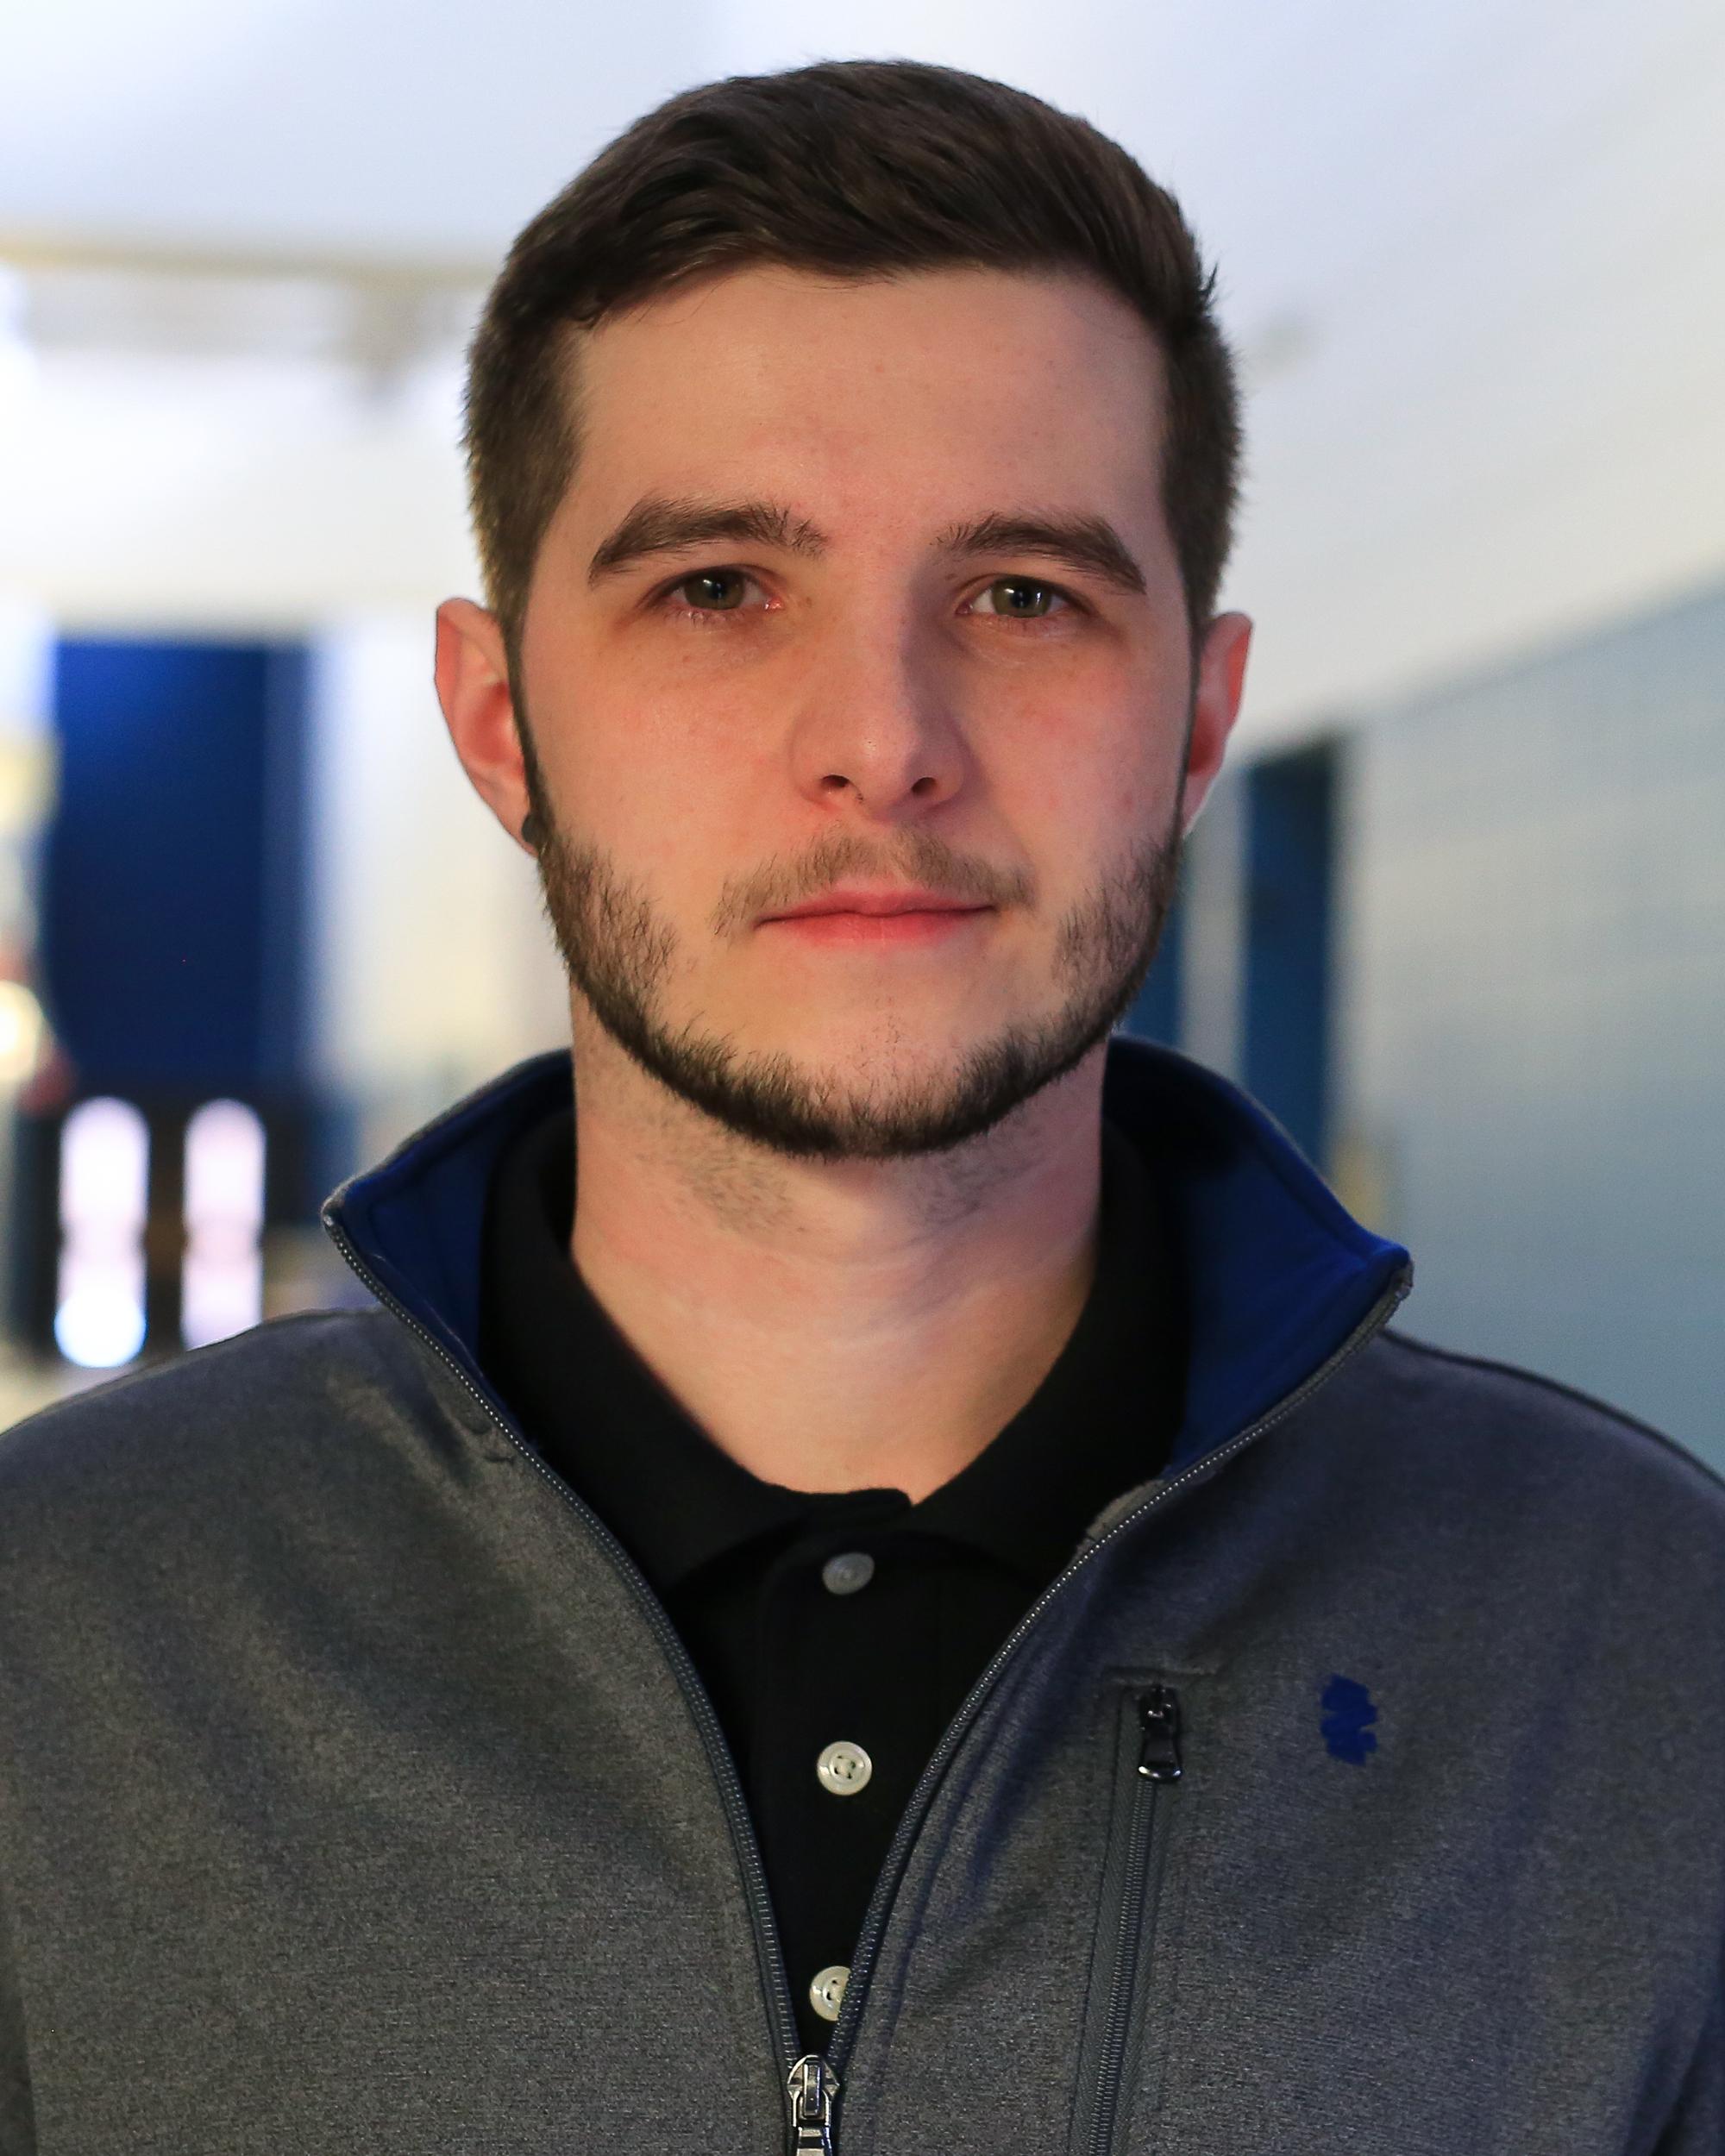 Zach Ward